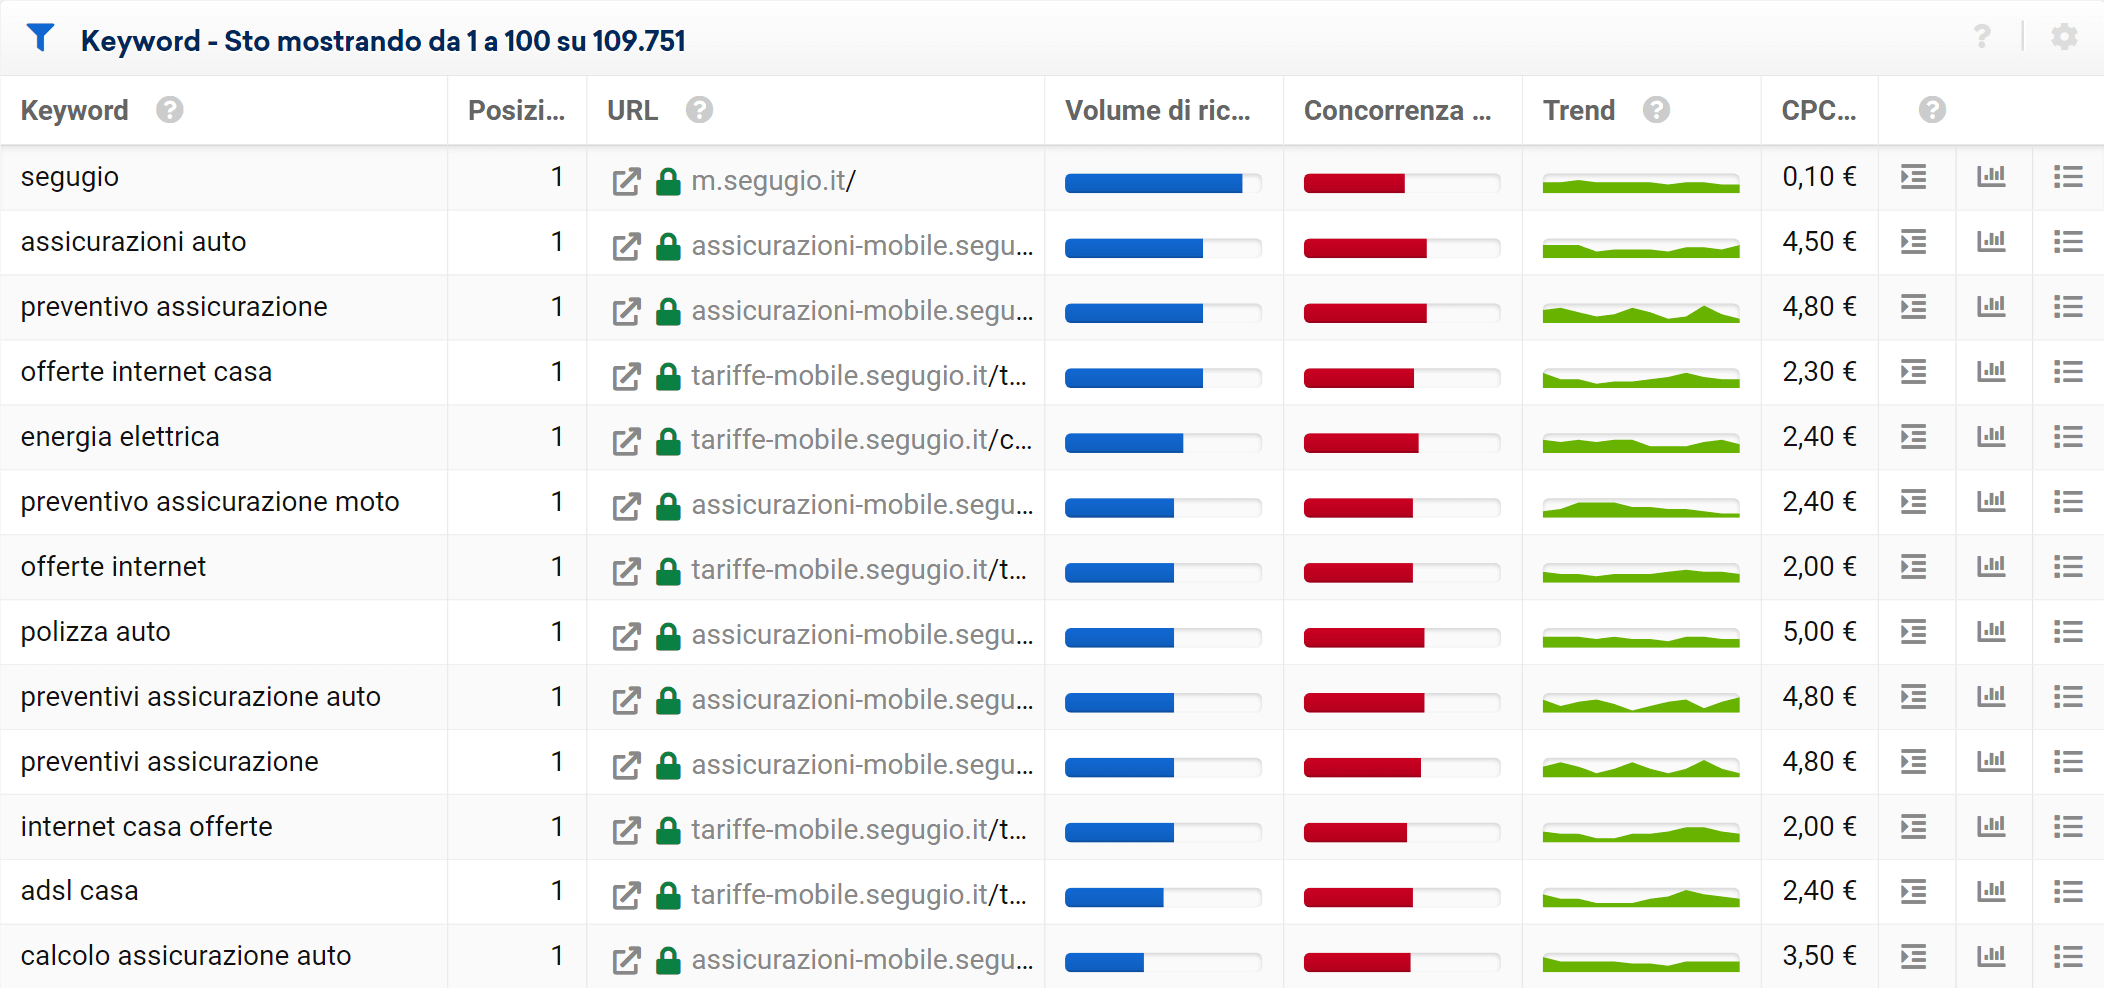 Lista di keyword di ranking di segugio.it